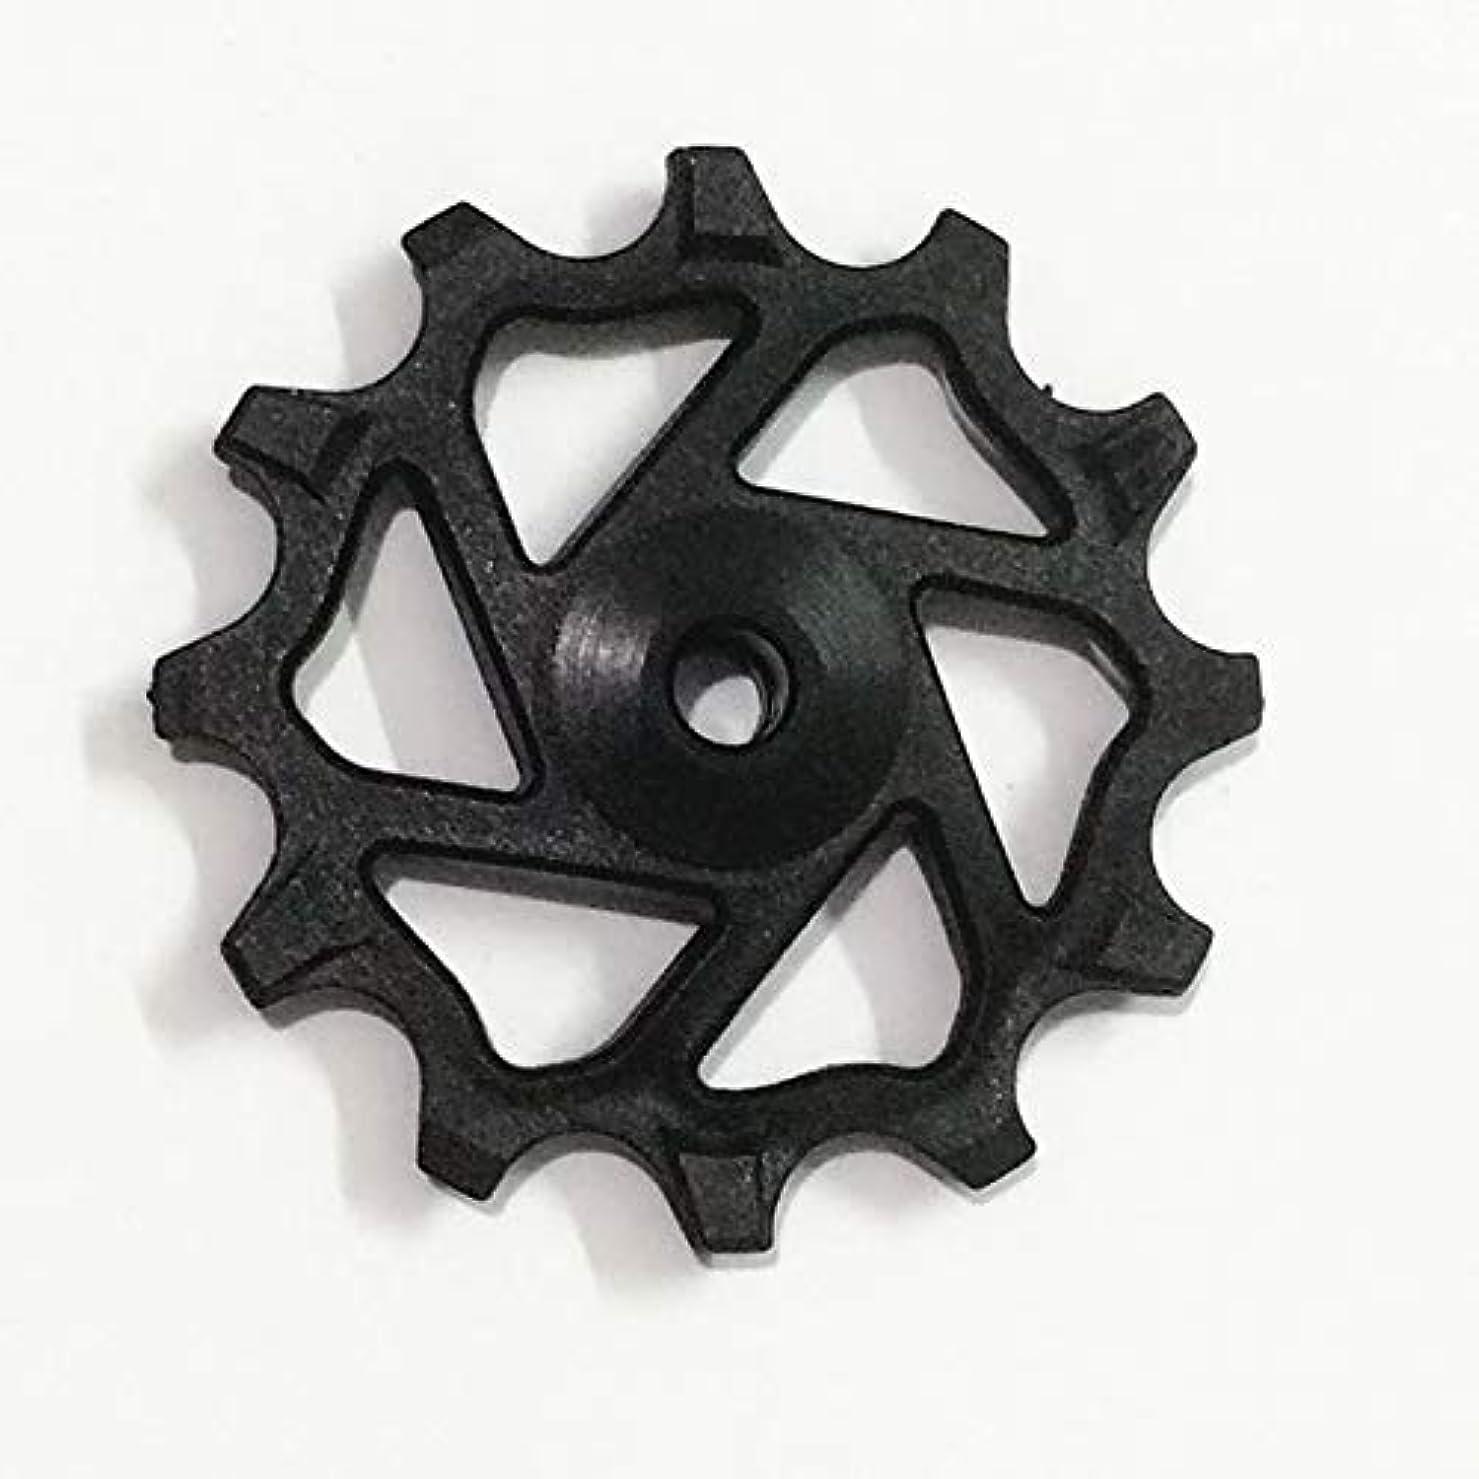 オン短くするリアルPropenary - 自転車レジン12T狭い広い静かなリアディレイラージョッキーホイールロードマウンテンバイクガイドローラーアイドラープーリー自転車パーツ